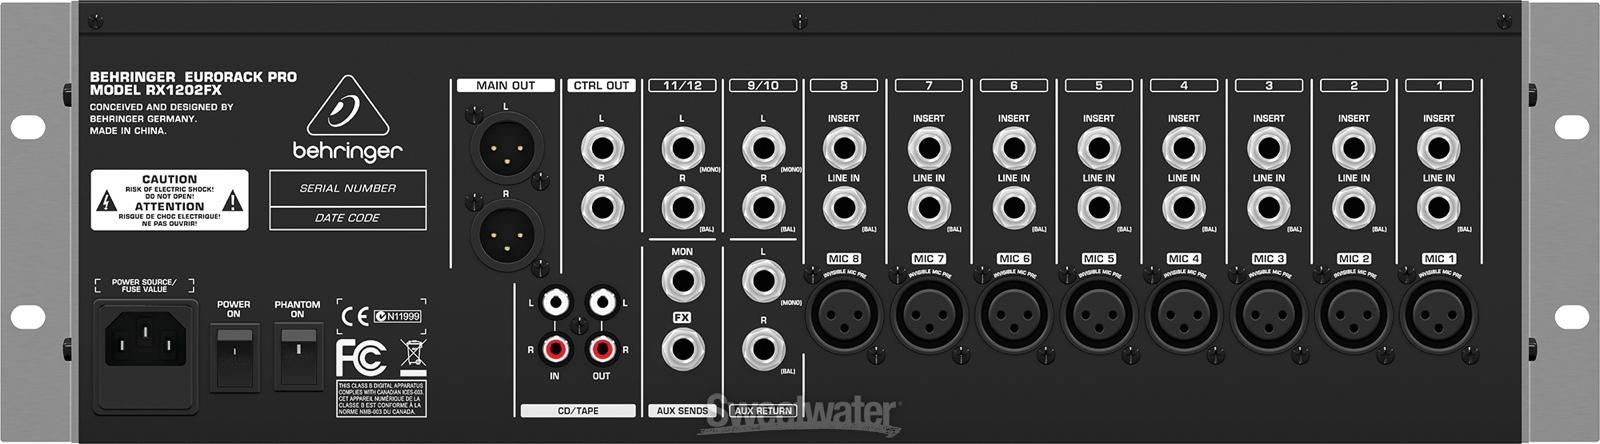 behringer eurorack pro rx1202fx image 667022 audiofanzine rh en audiofanzine com Behringer Eurorack Pro Behringer Eurorack Pro